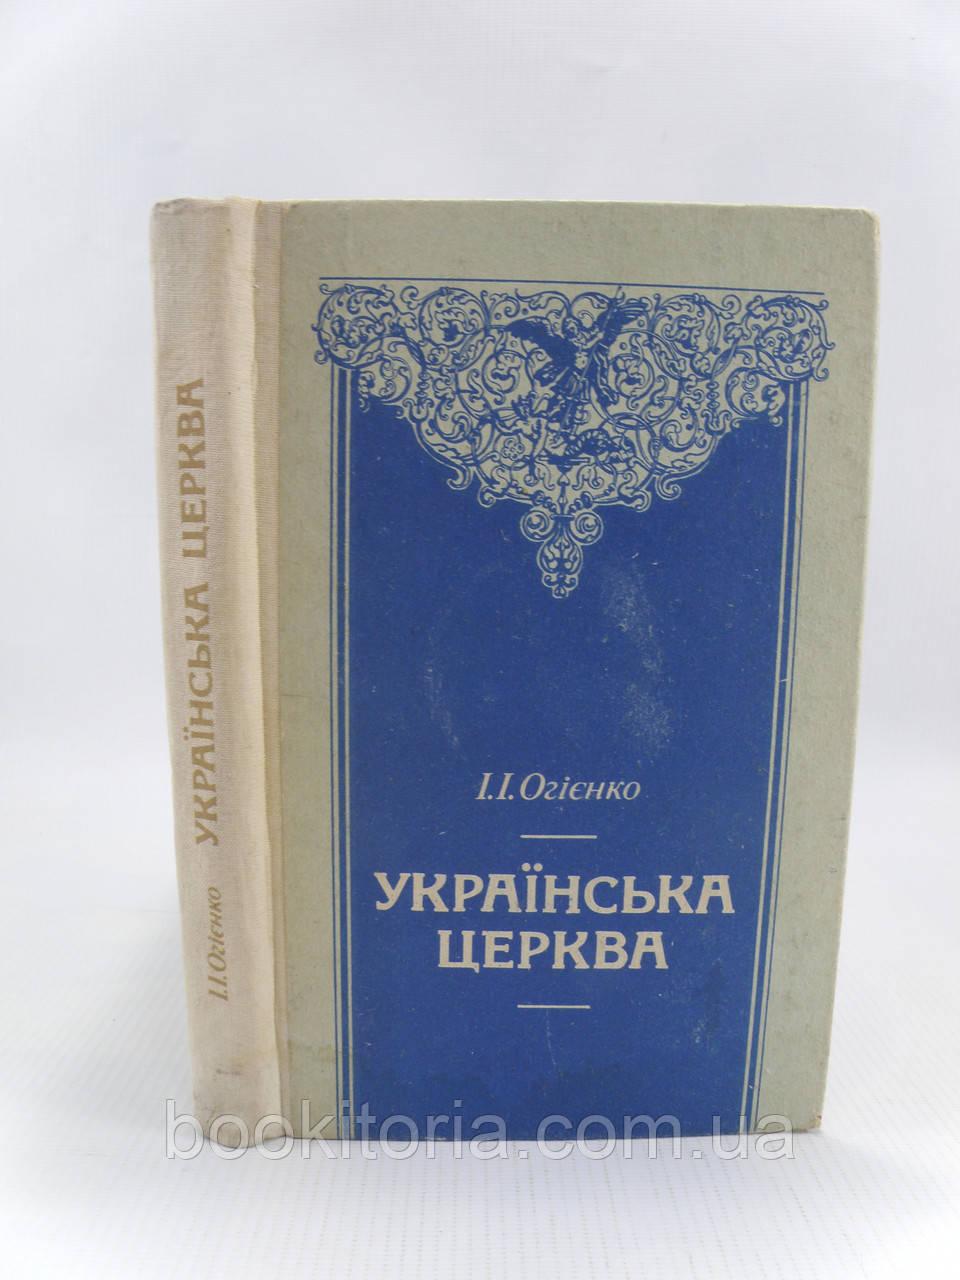 Огієнко І. Українська церква (б/у).